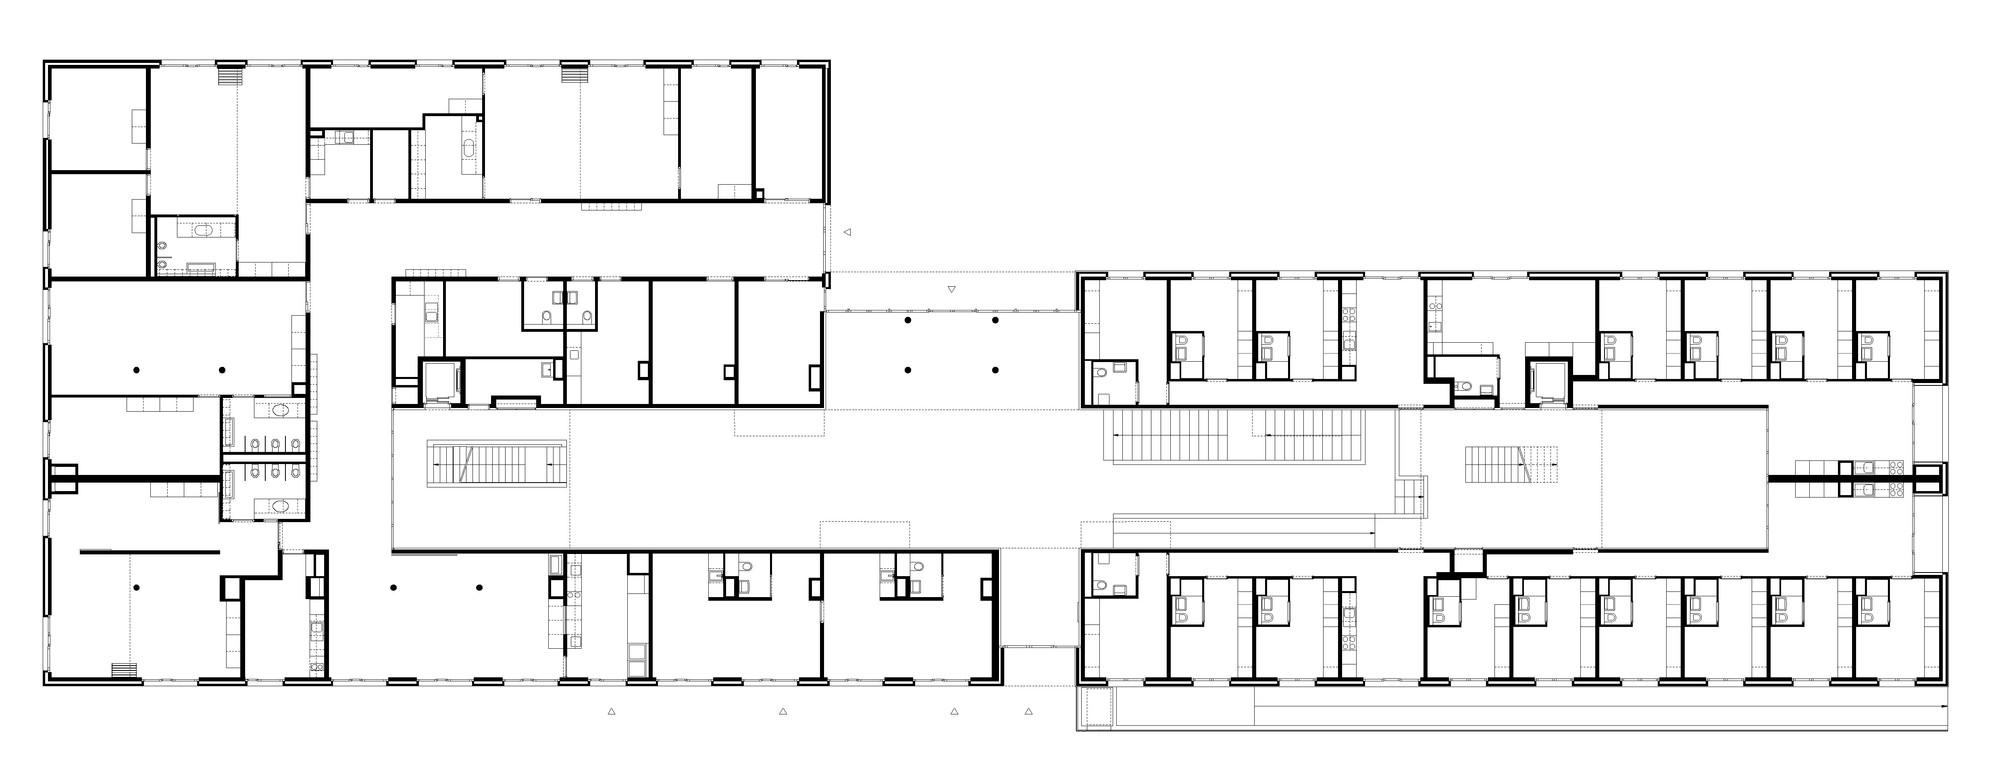 housing floor plans – Fort Irwin Housing Floor Plans